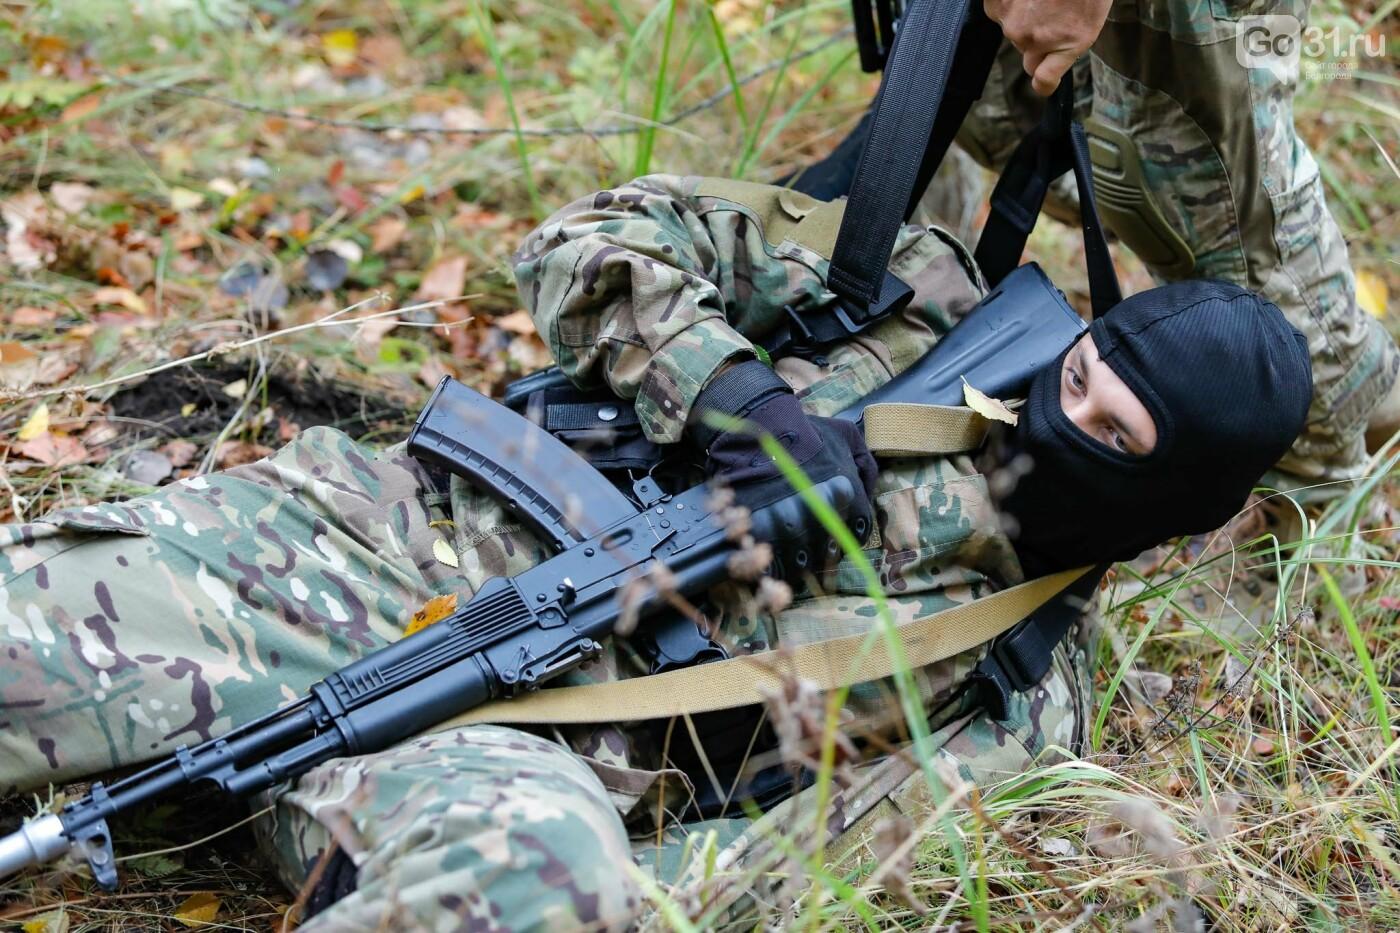 Под Белгородом прошли тактико-специальные учения ОМОНа, фото-6